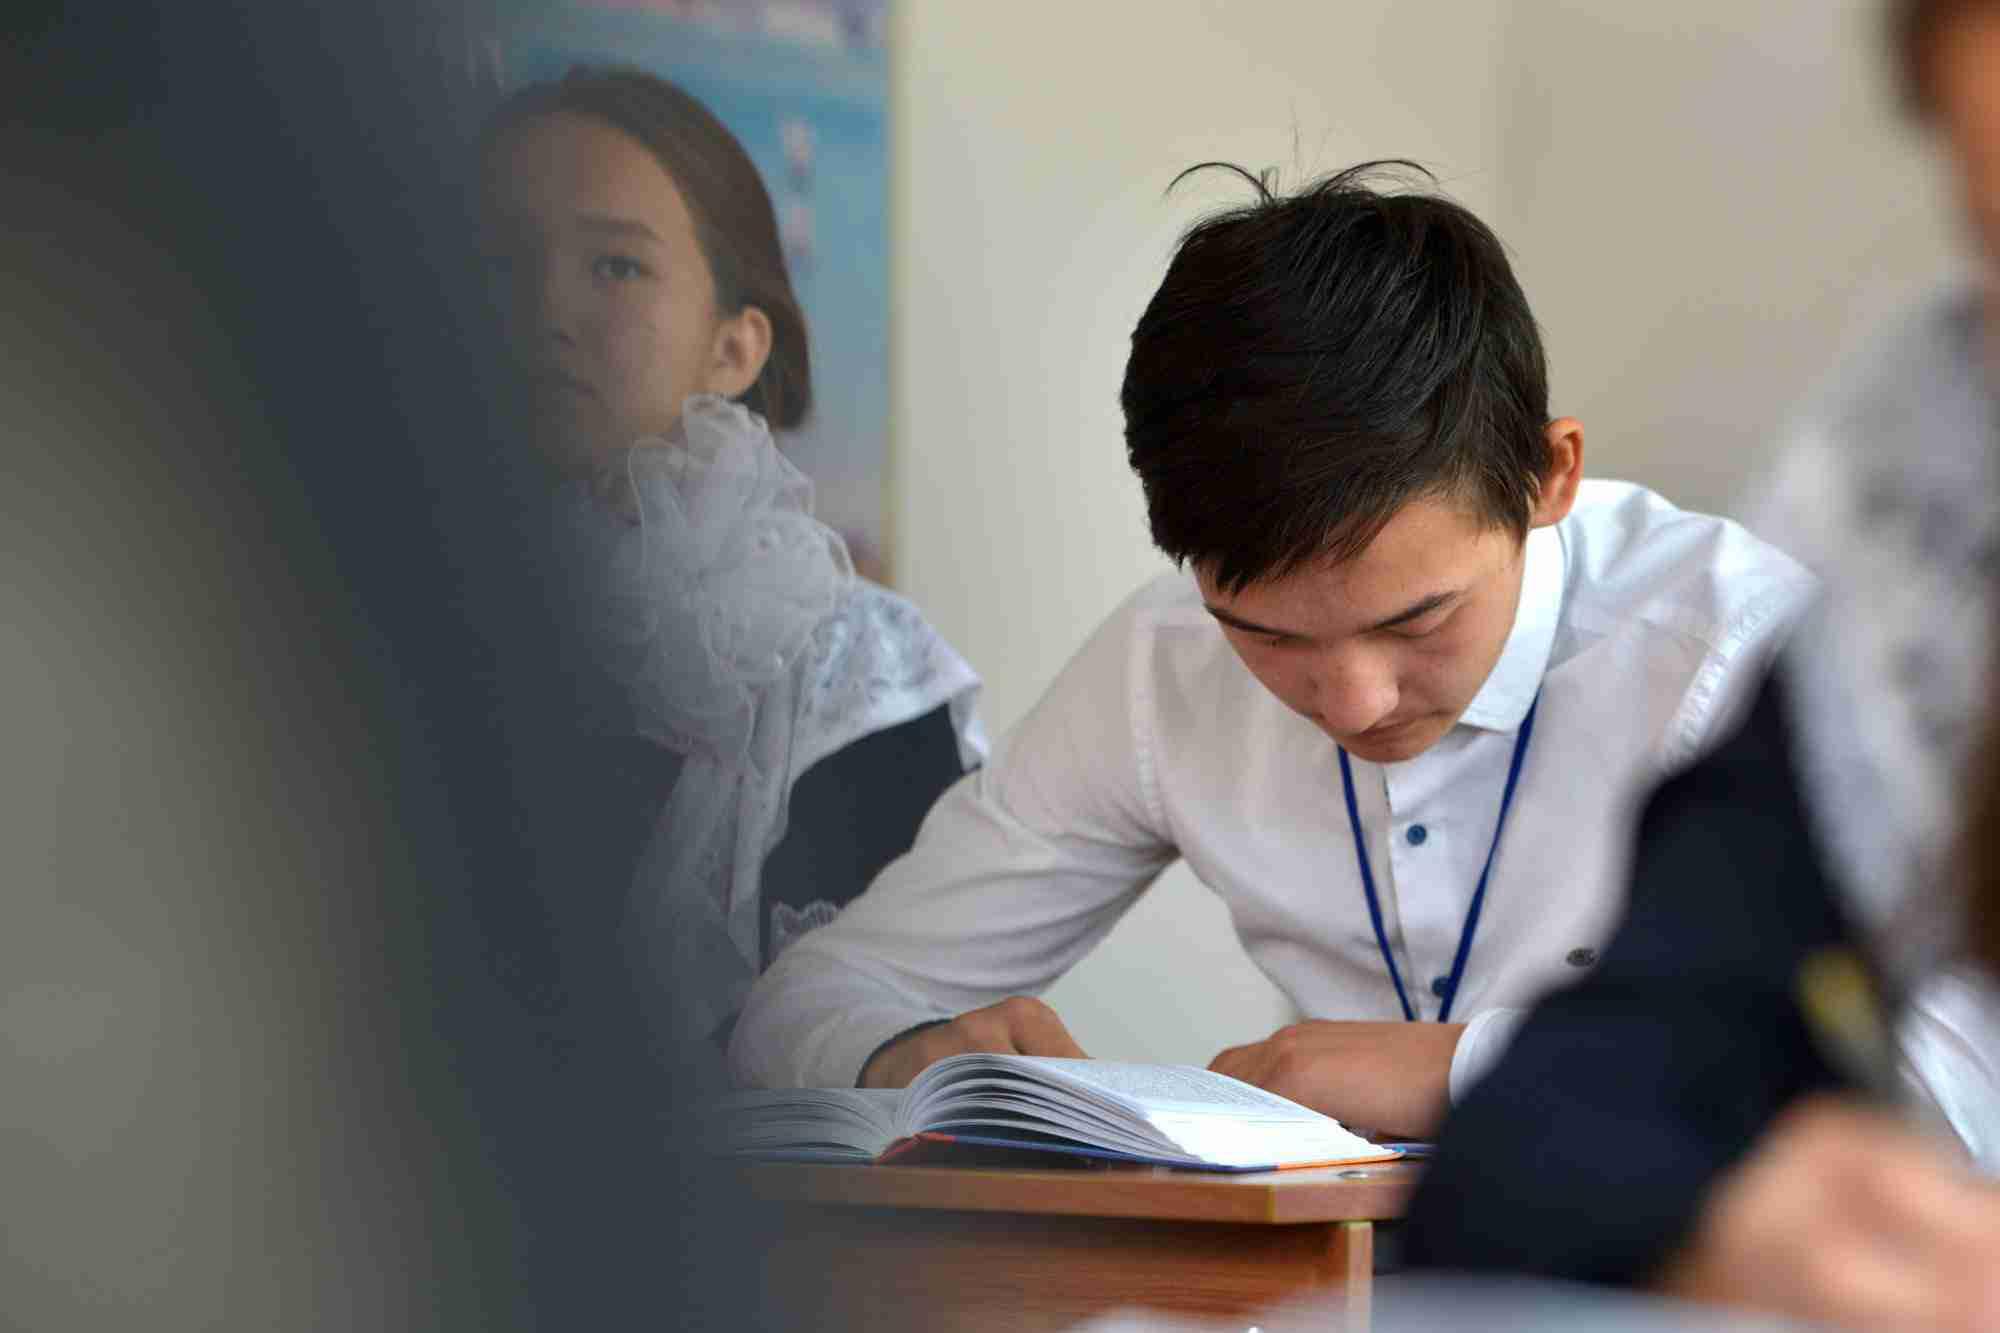 В школах Казахстана отменили обязательное ношение формы